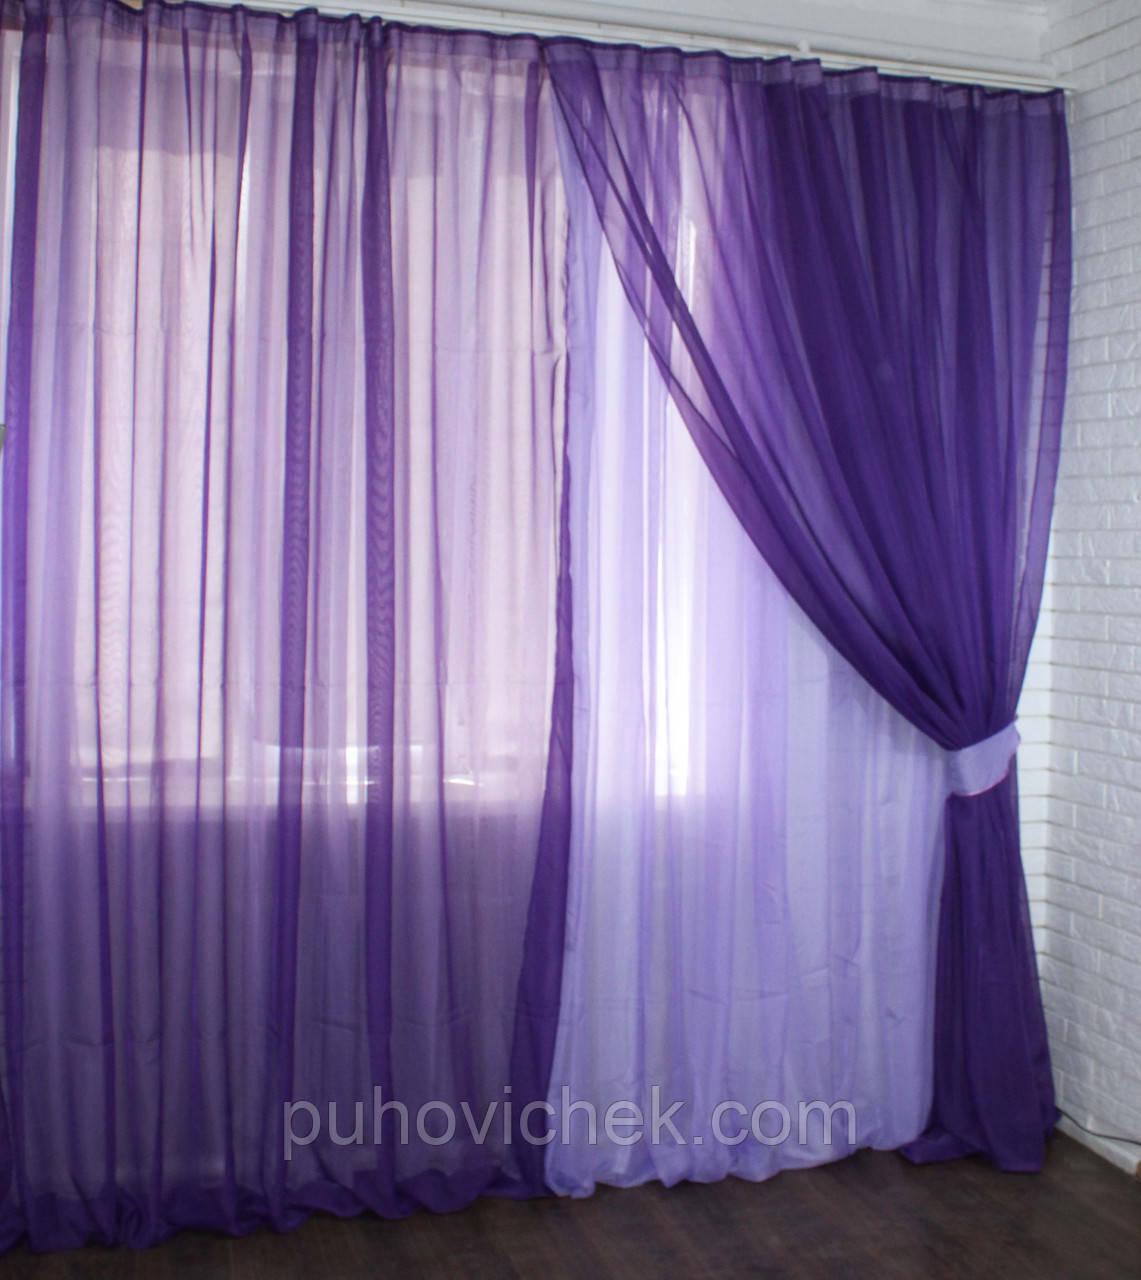 Гарний комплект штор для спальні недорого